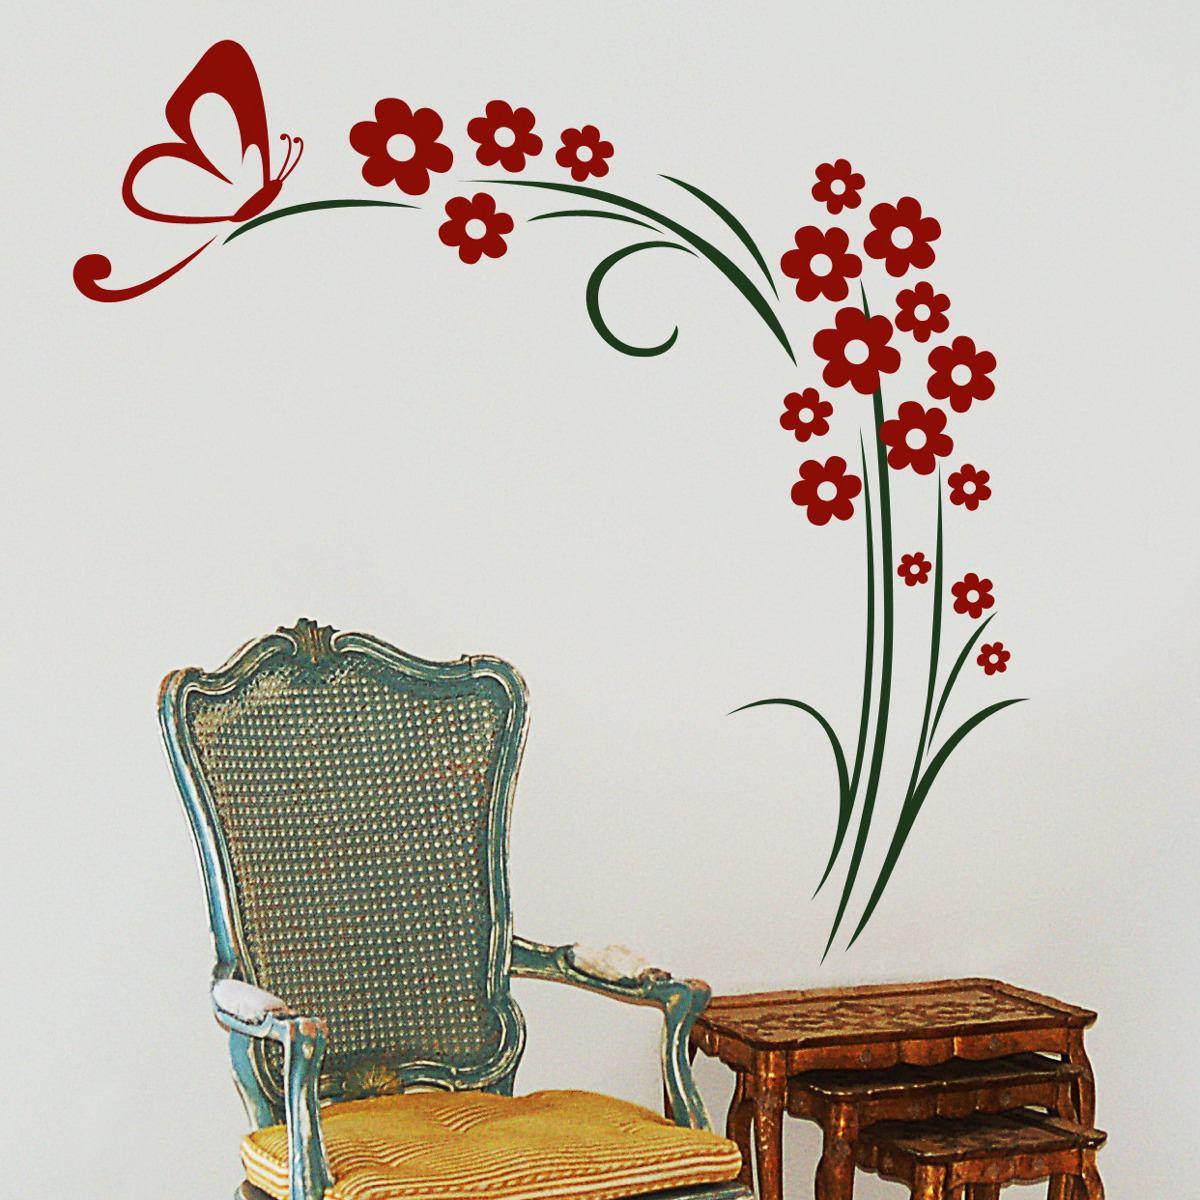 Adesivo Arranjo Flores E Borboleta No Elo7 Adesivos Com Frete